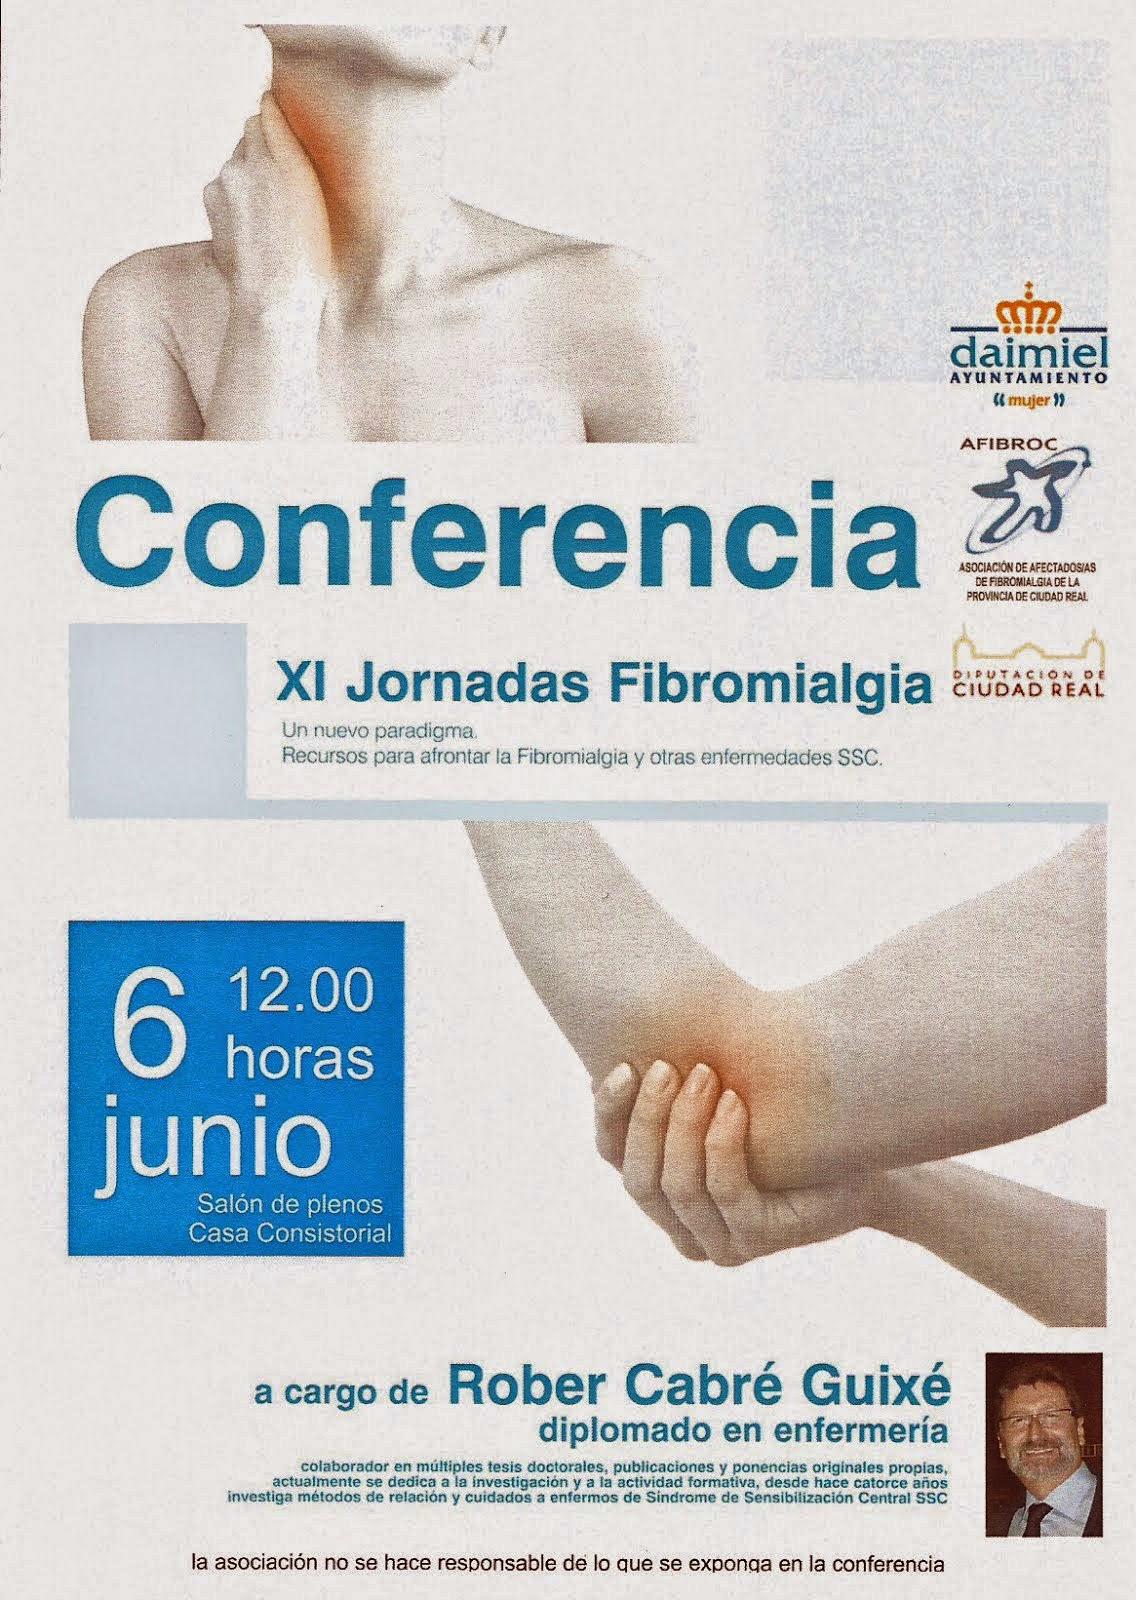 Conferencia XI Jornadas Fibromialgia.